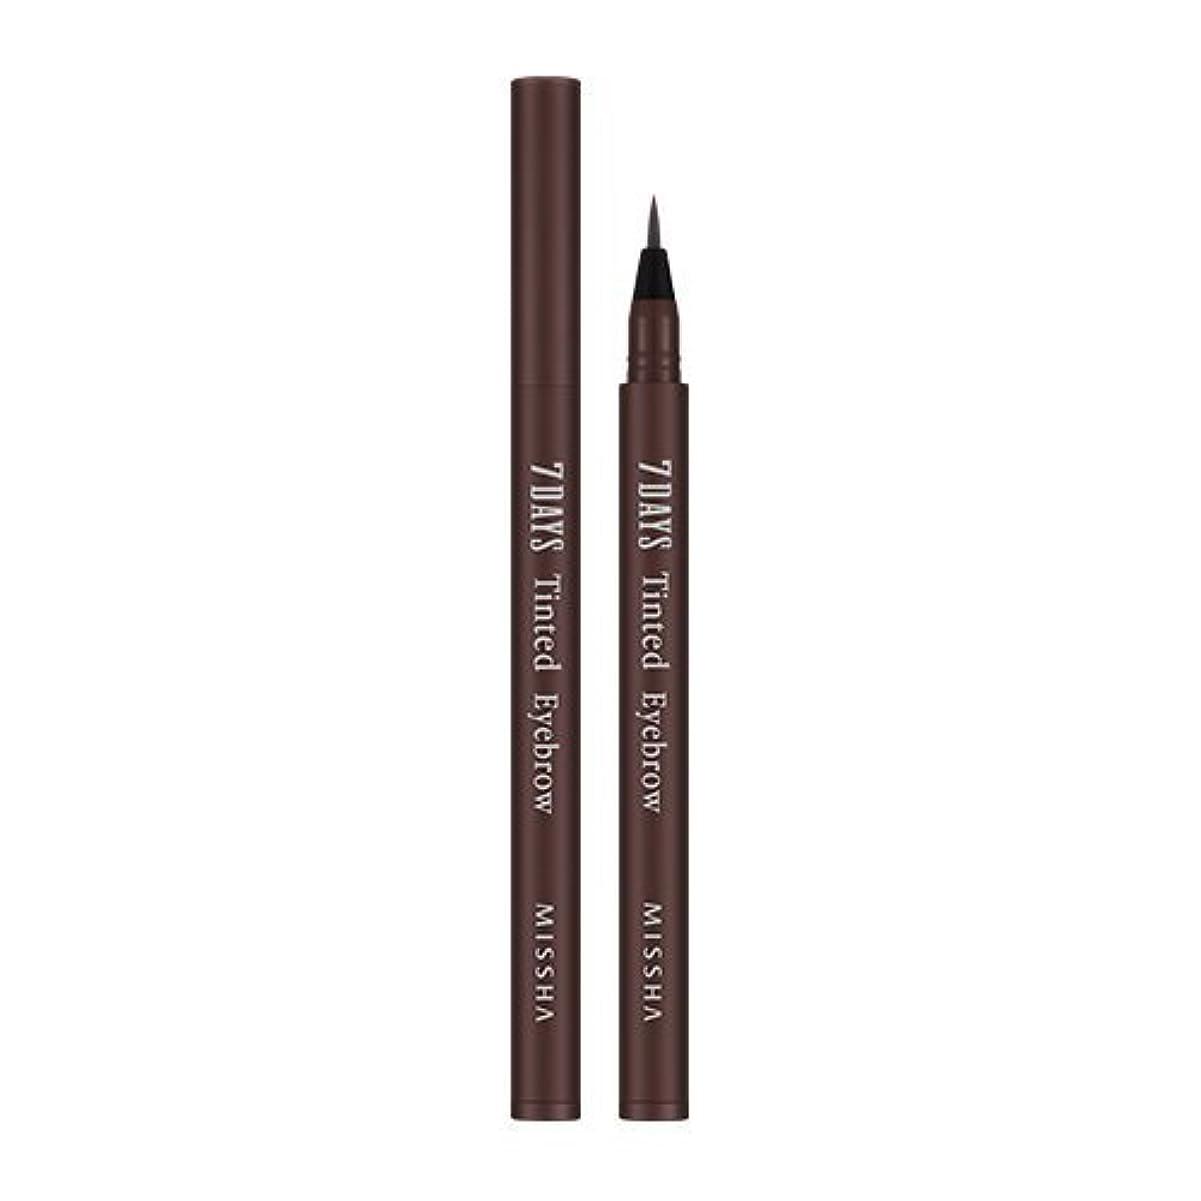 フィード褒賞一目MISSHA Seven Days Tinted Eye Brow 0.8ml (#01 Maroon Brown)/ミシャ セブンデイズ ティンテッド アイブロウ 0.8ml (#01 Maroon Brown)